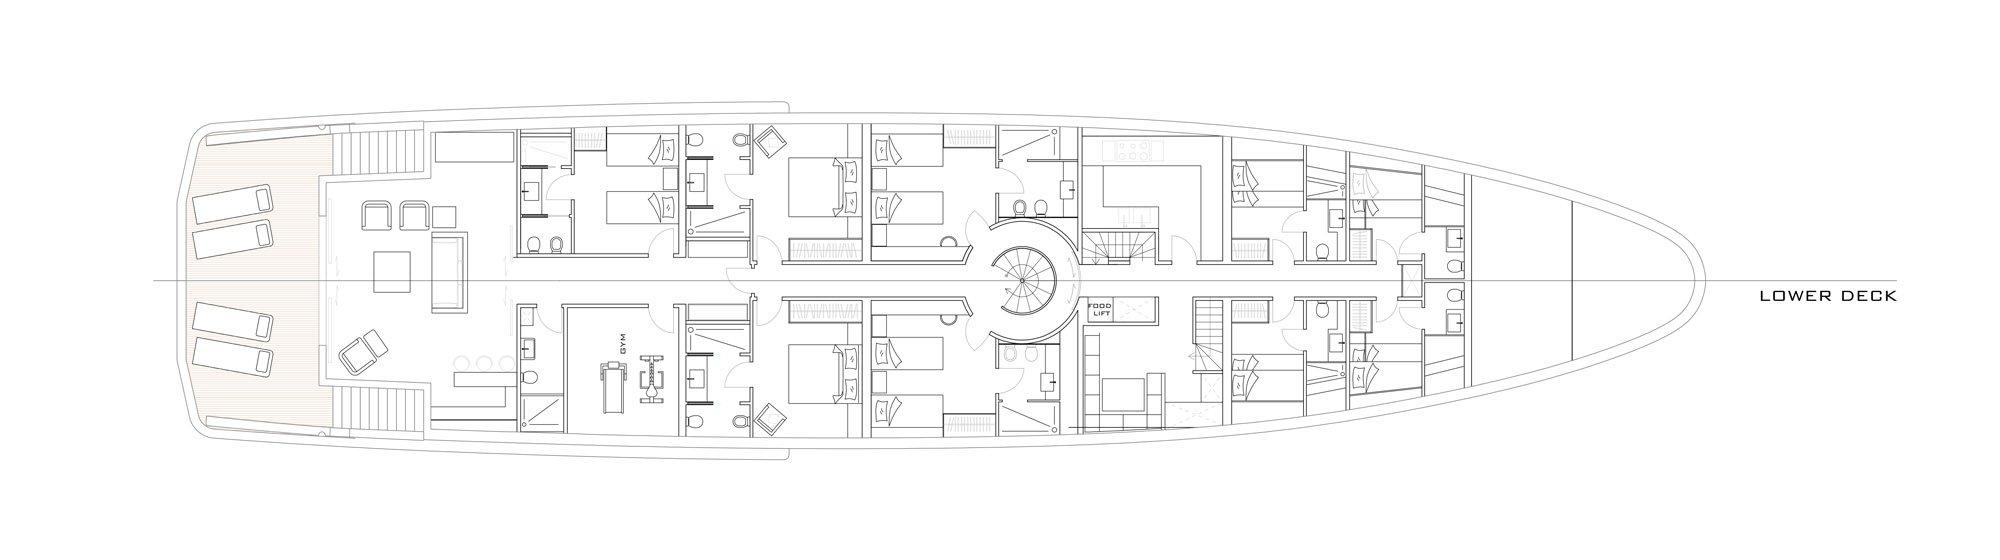 K43 - general arrangment1 4 1